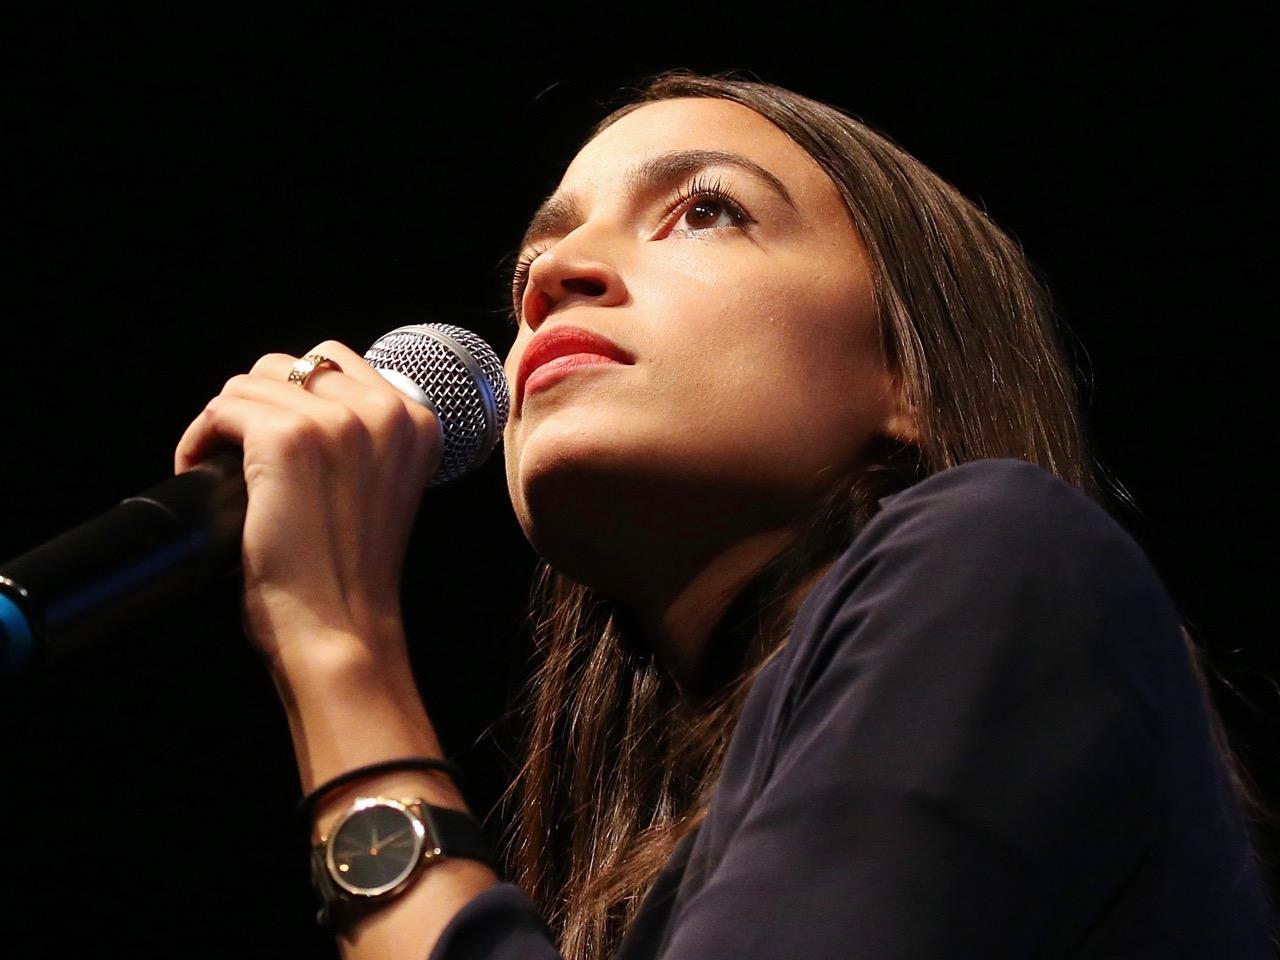 NY House Candidate Alexandria Ocasio-Cortez Joins Progressive Fundraiser In LA